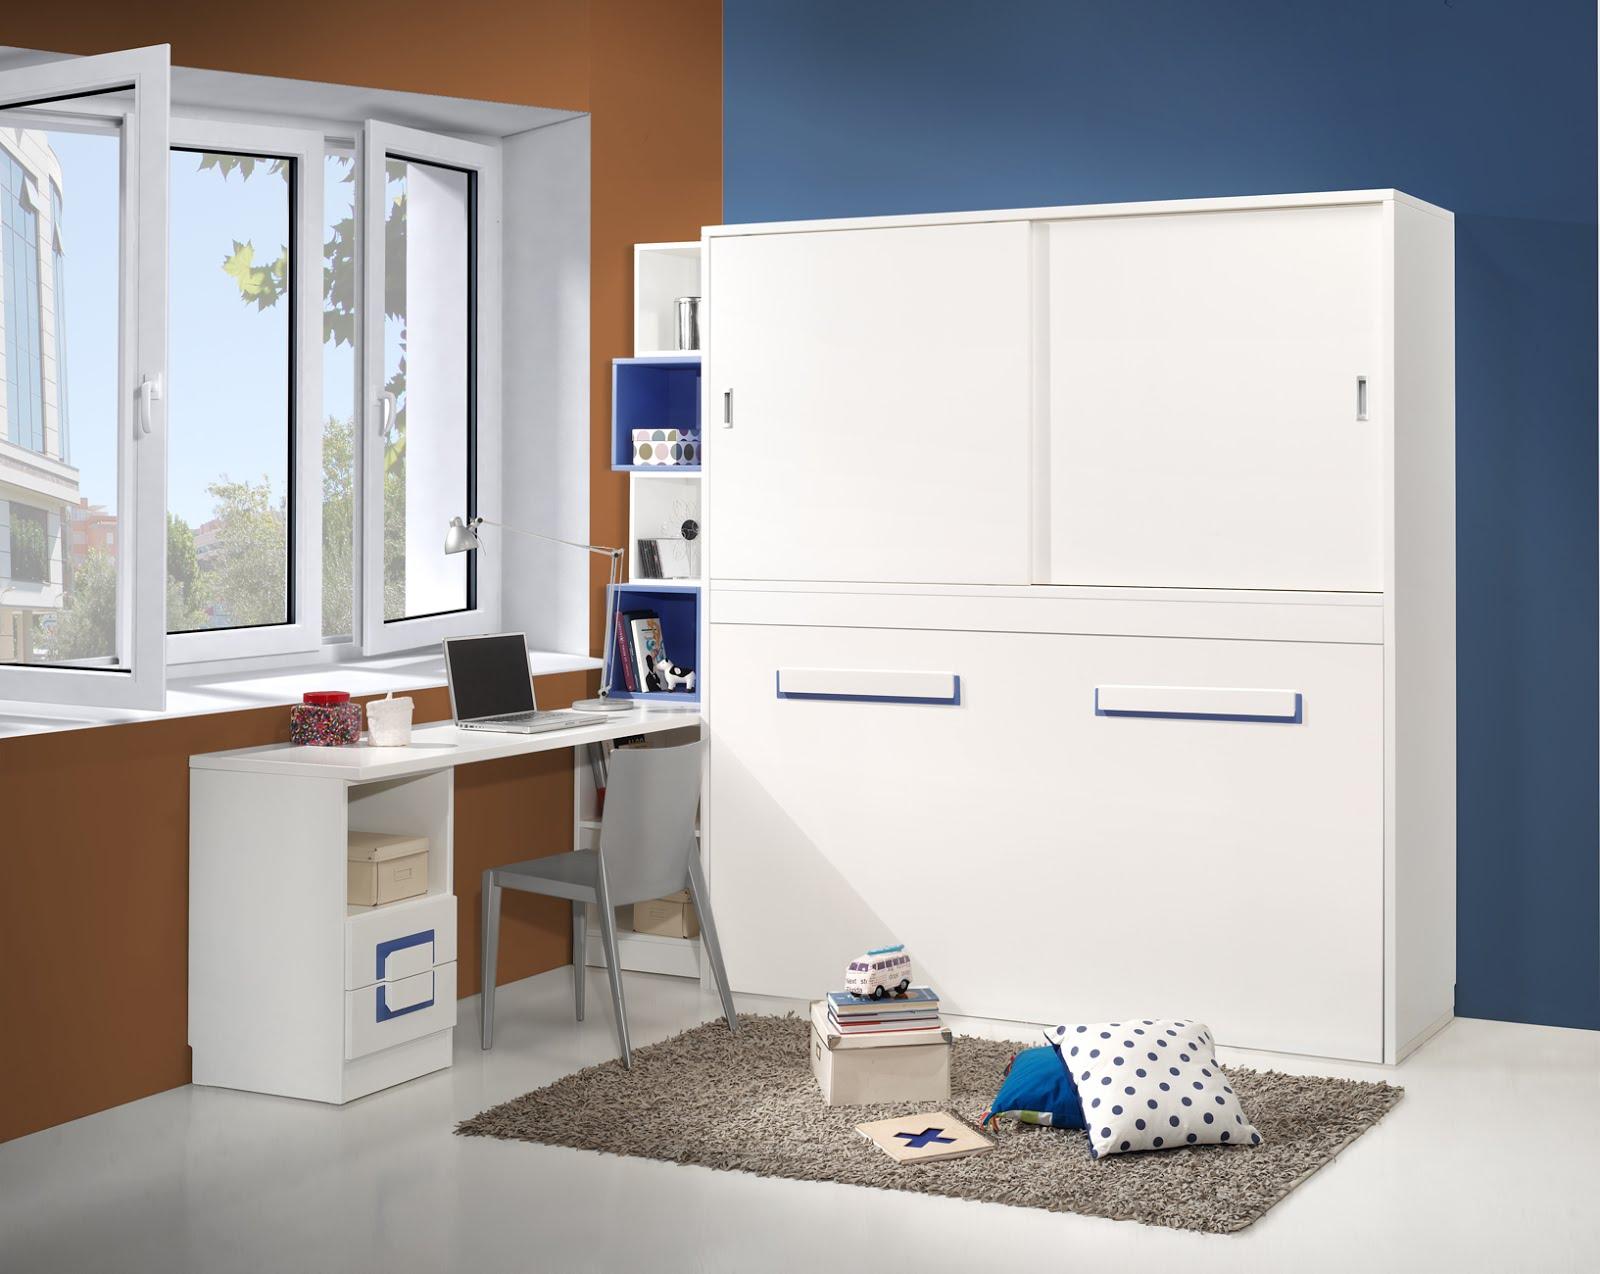 Dormitorios con camas abatibles literas abatibles - Camas abatibles con mesa ...